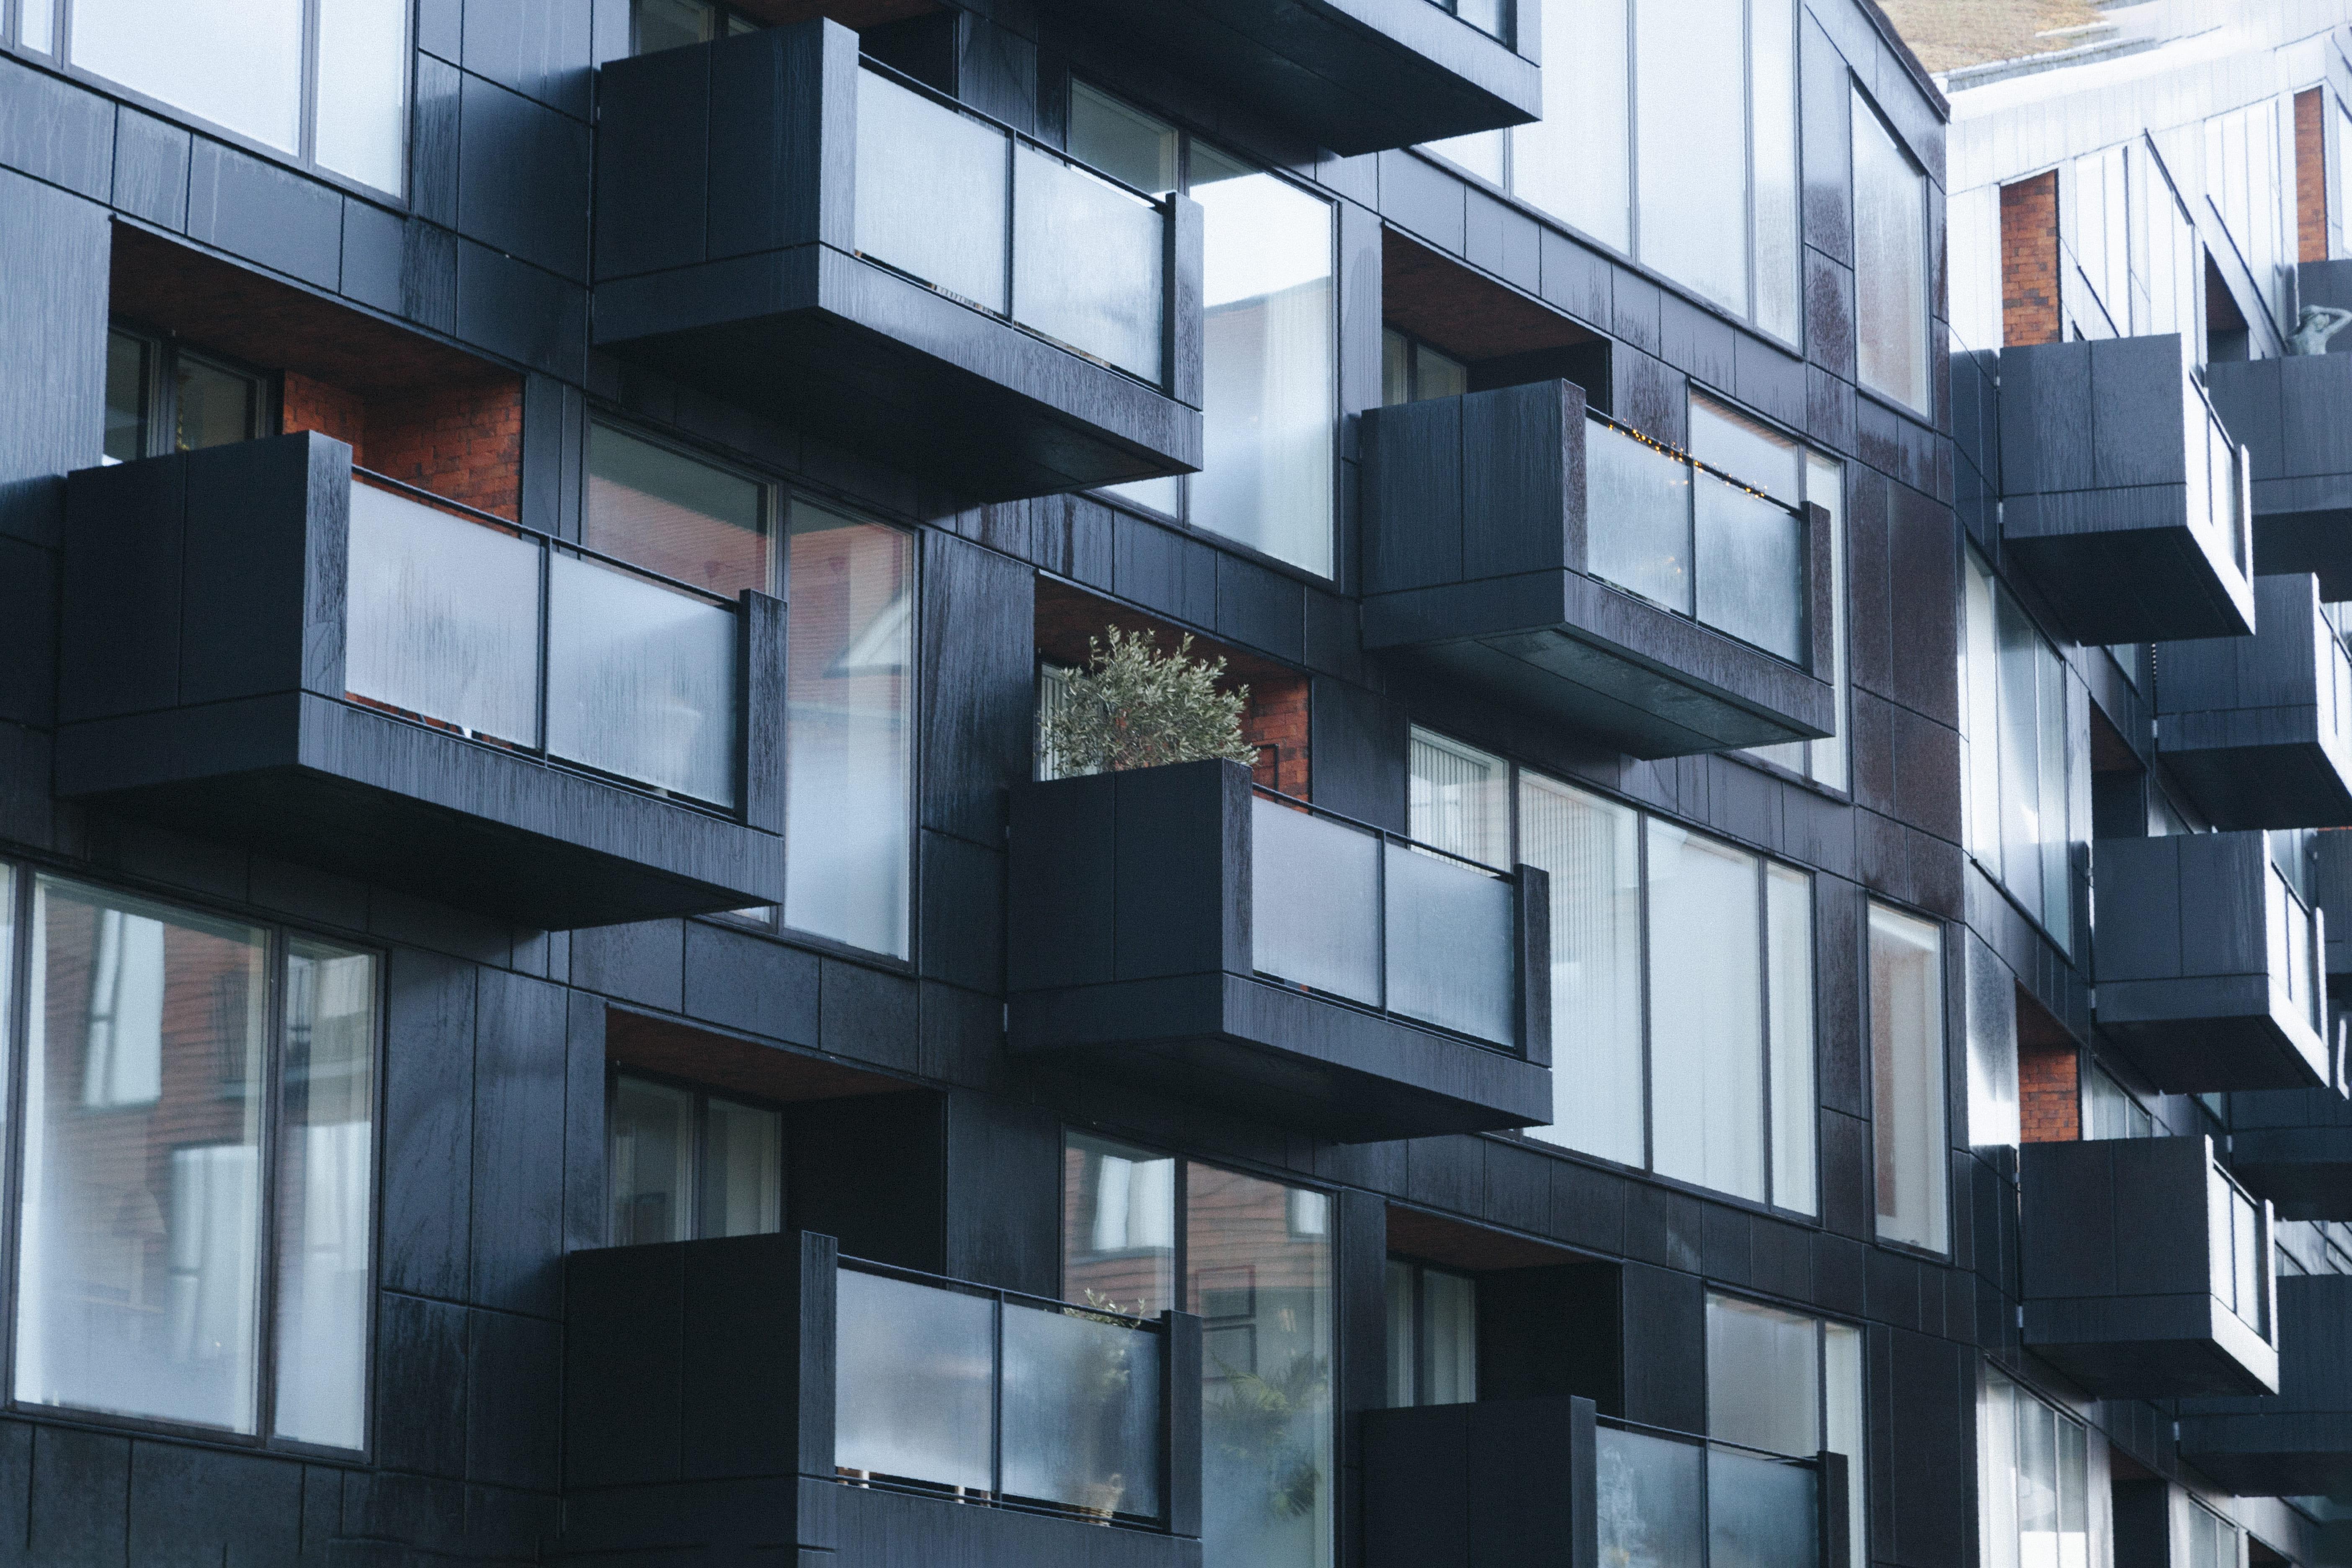 Cât costă întreținerea unui apartament în București